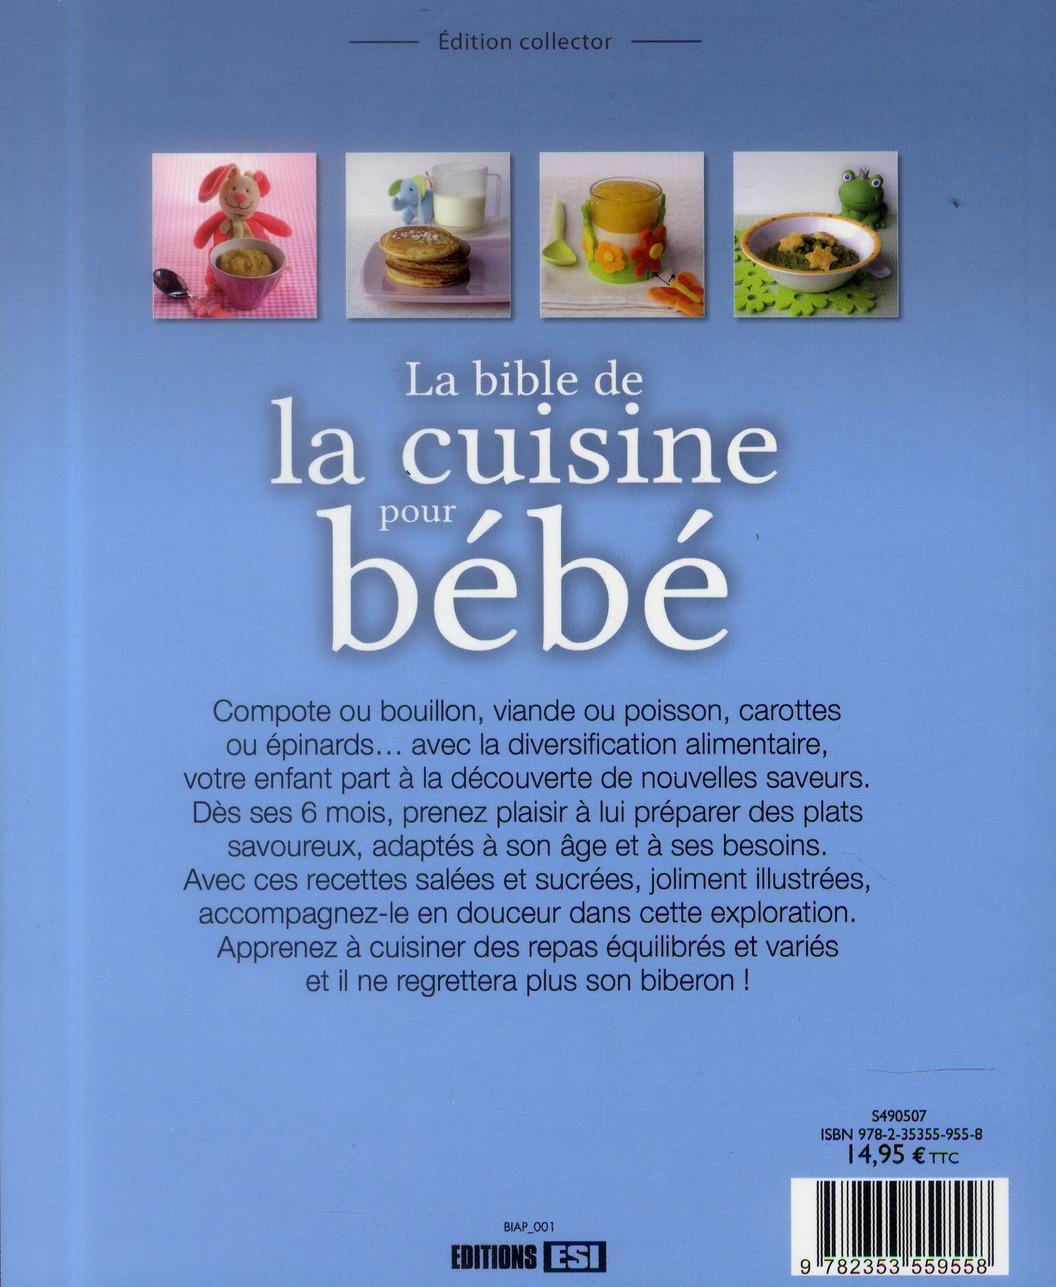 La bible de la cuisine pour bébé